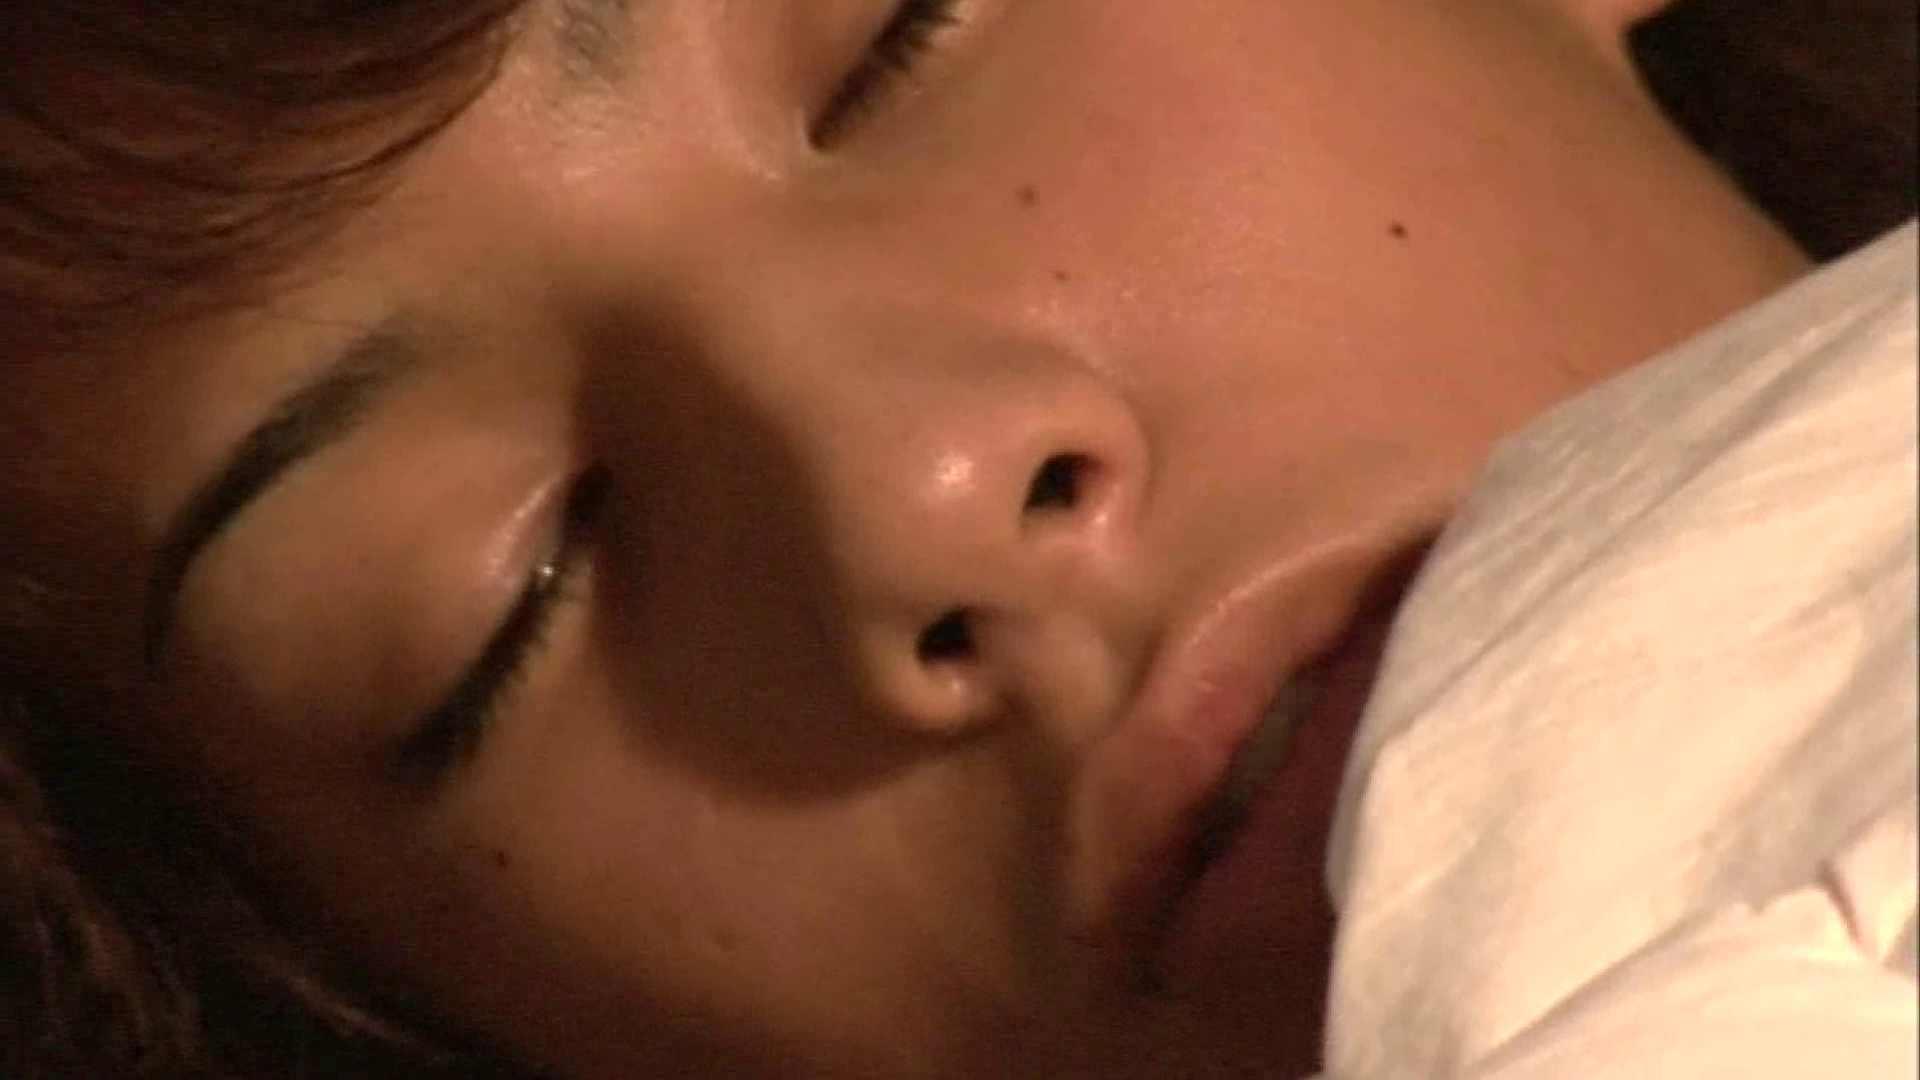 ヤリヤリ野郎共倶楽部vol.7前編 3Pシーン ゲイセックス画像 78枚 63